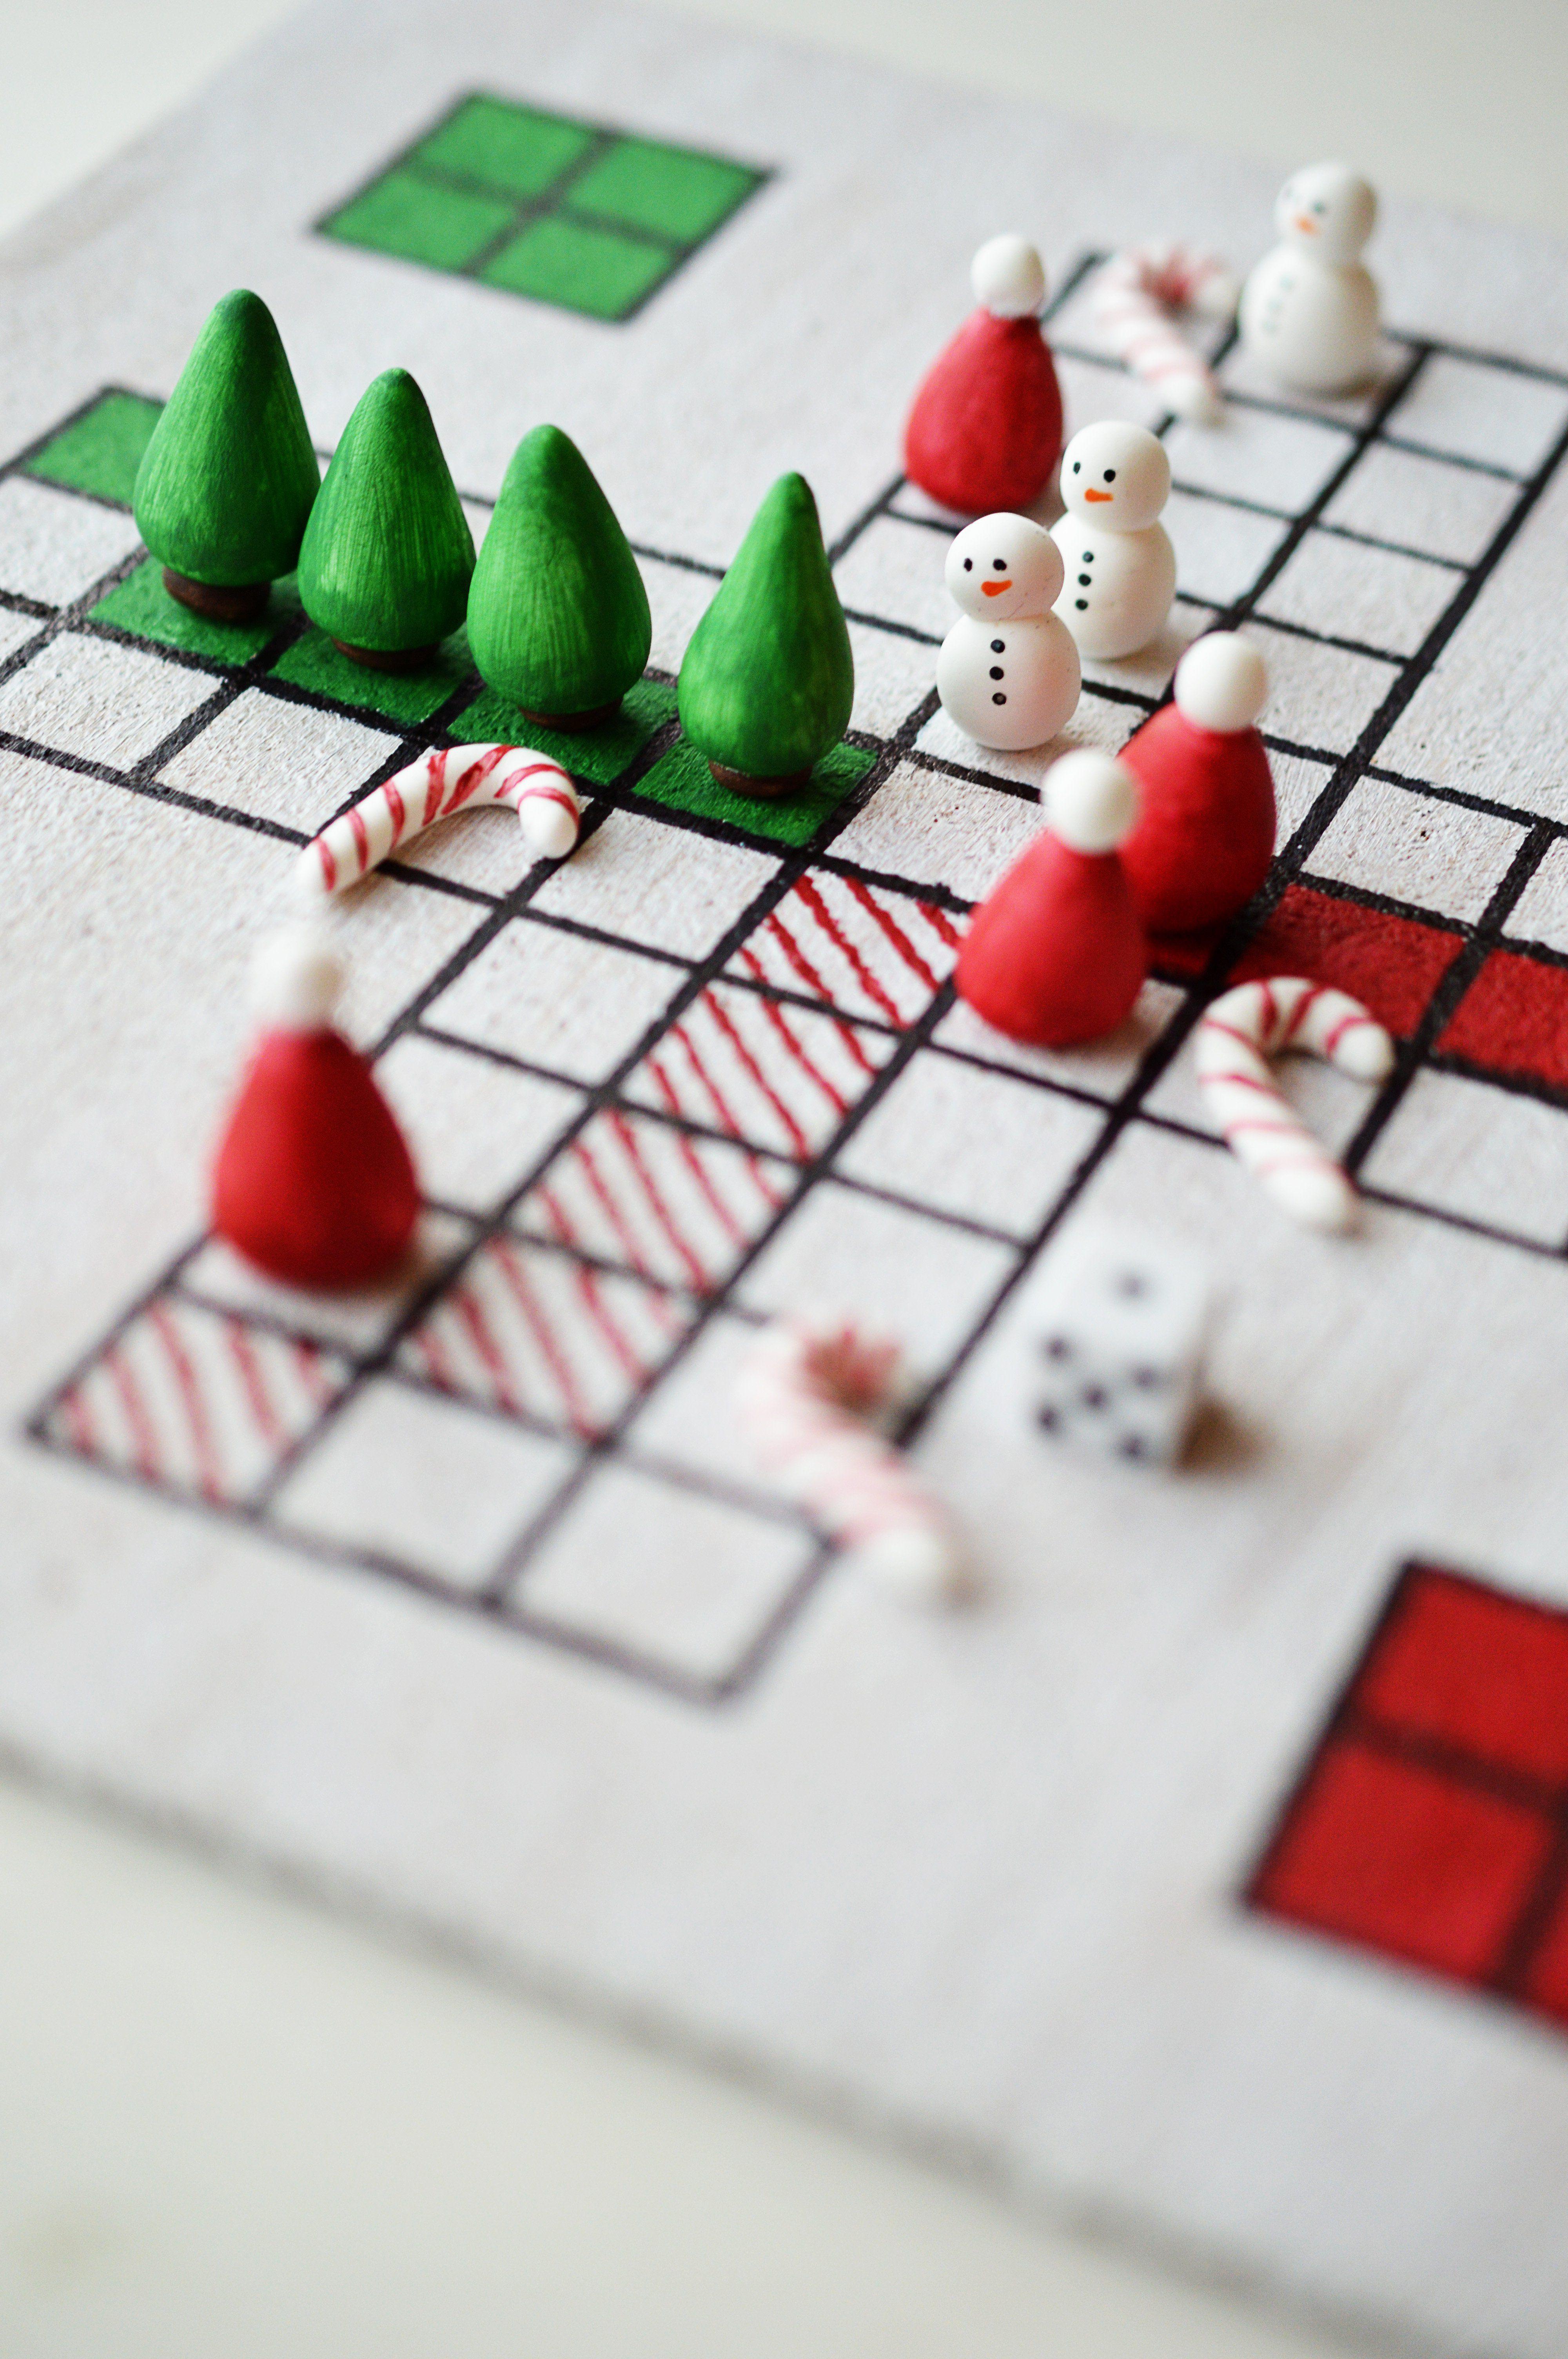 Santa, ärgere dich nicht | Weihnachten, Weihnachtsgeschenke und Spiel